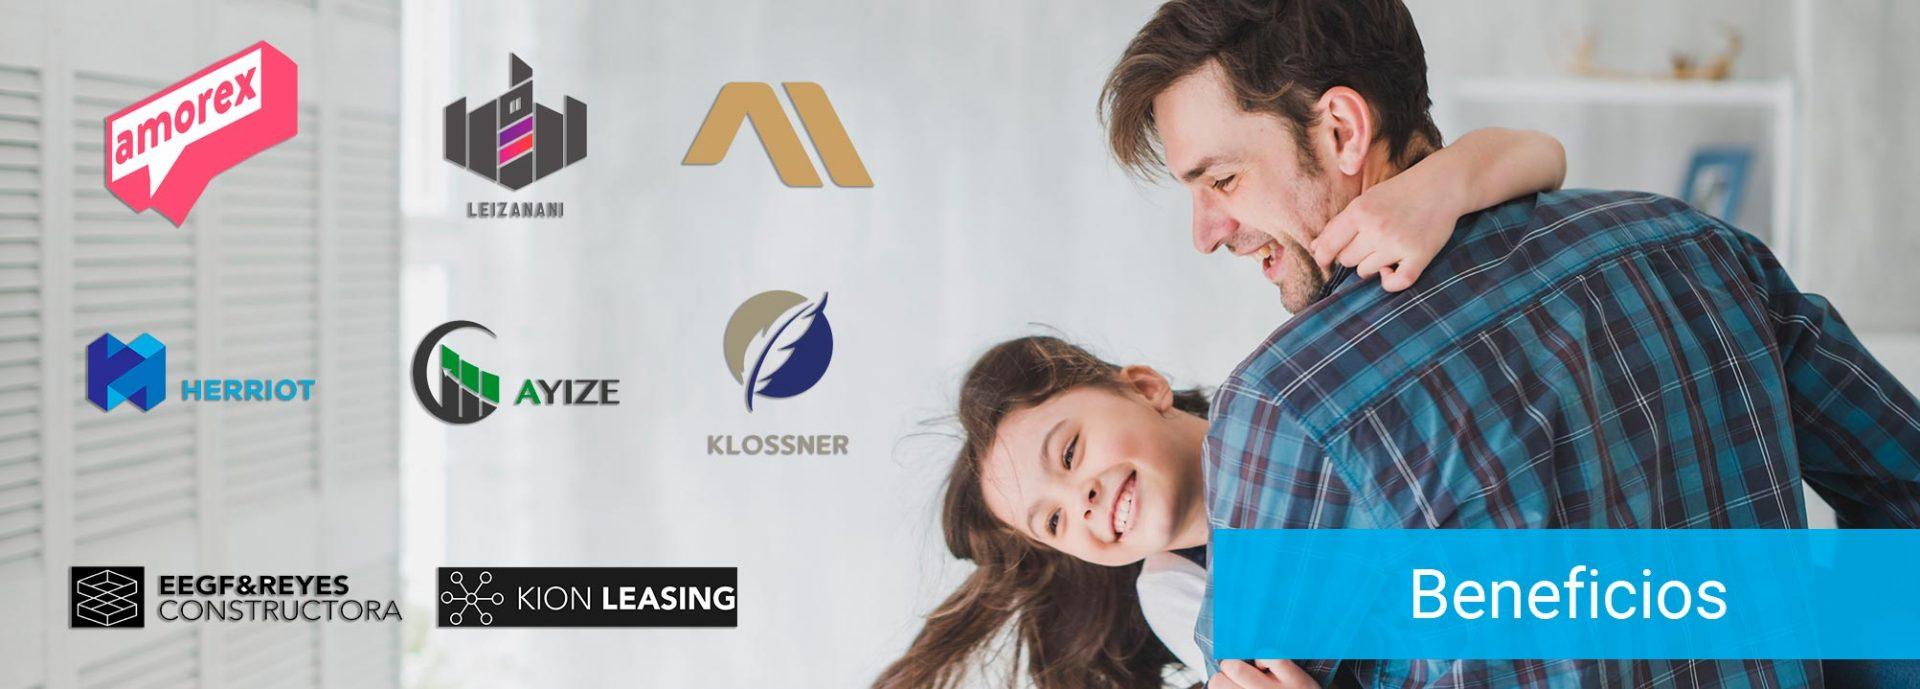 Tarjeta de beneficios klossner - Quality Assist